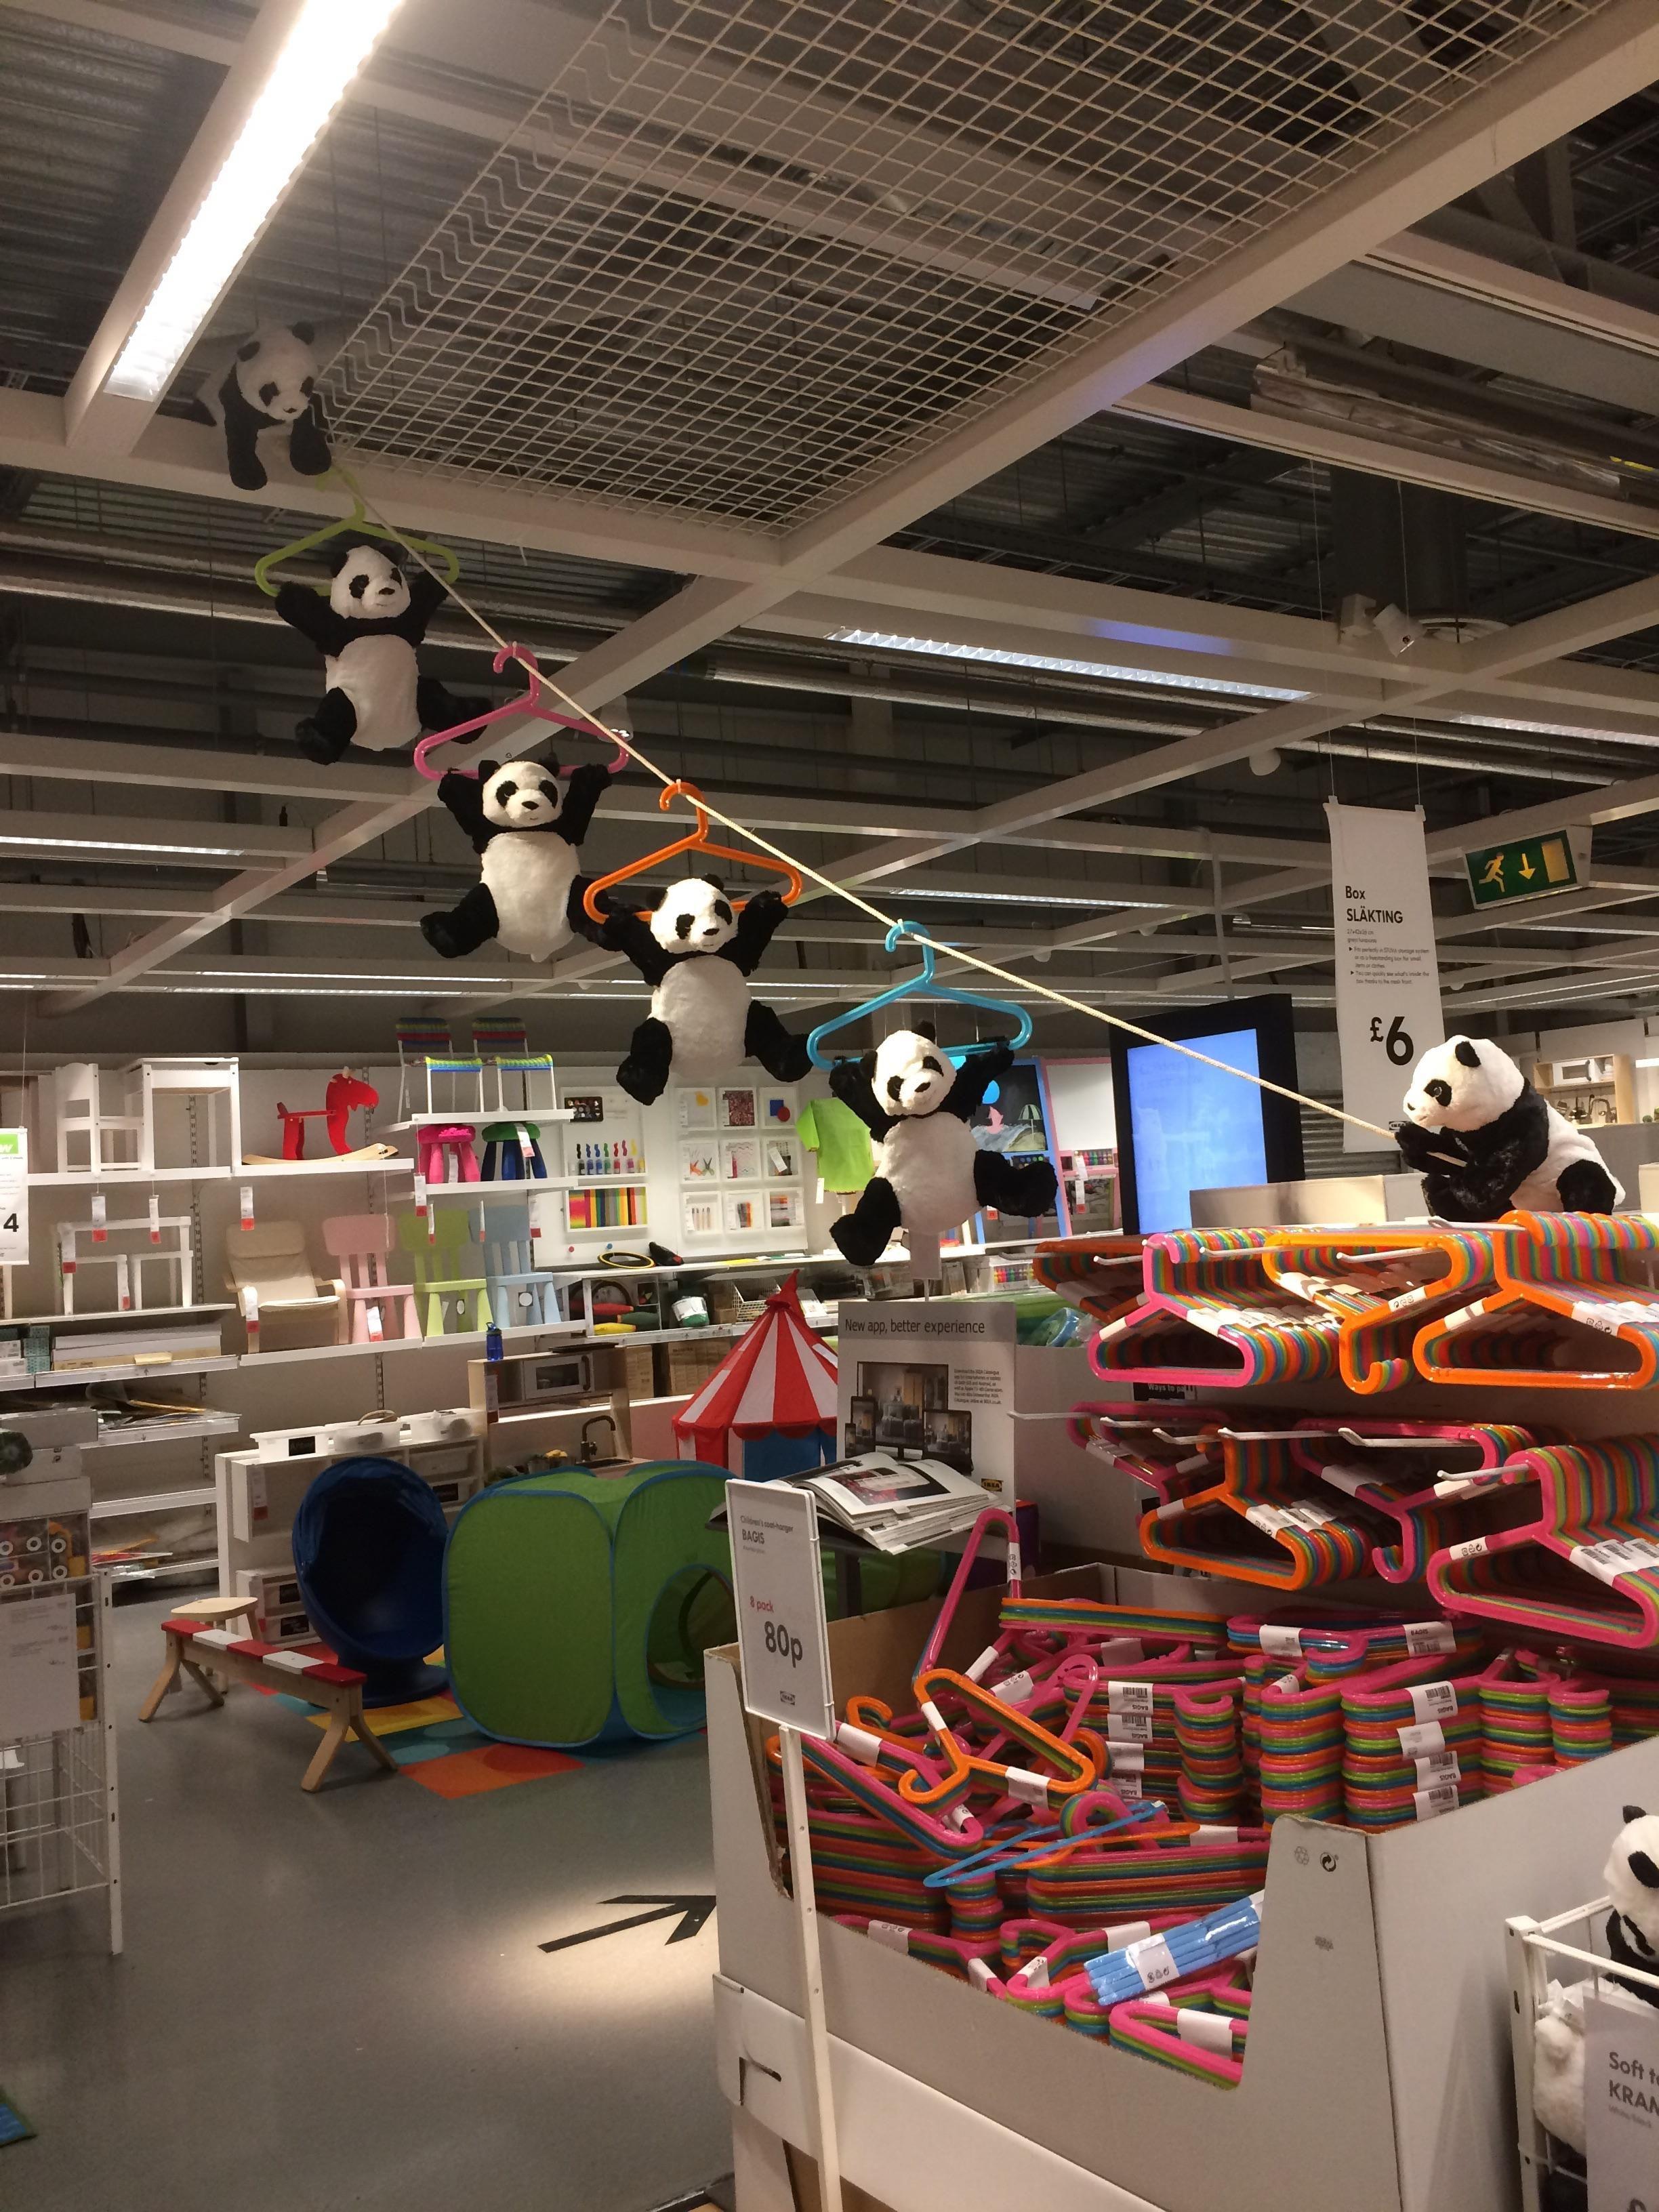 Panda getaway mission in IKEA funny lol comedy fun